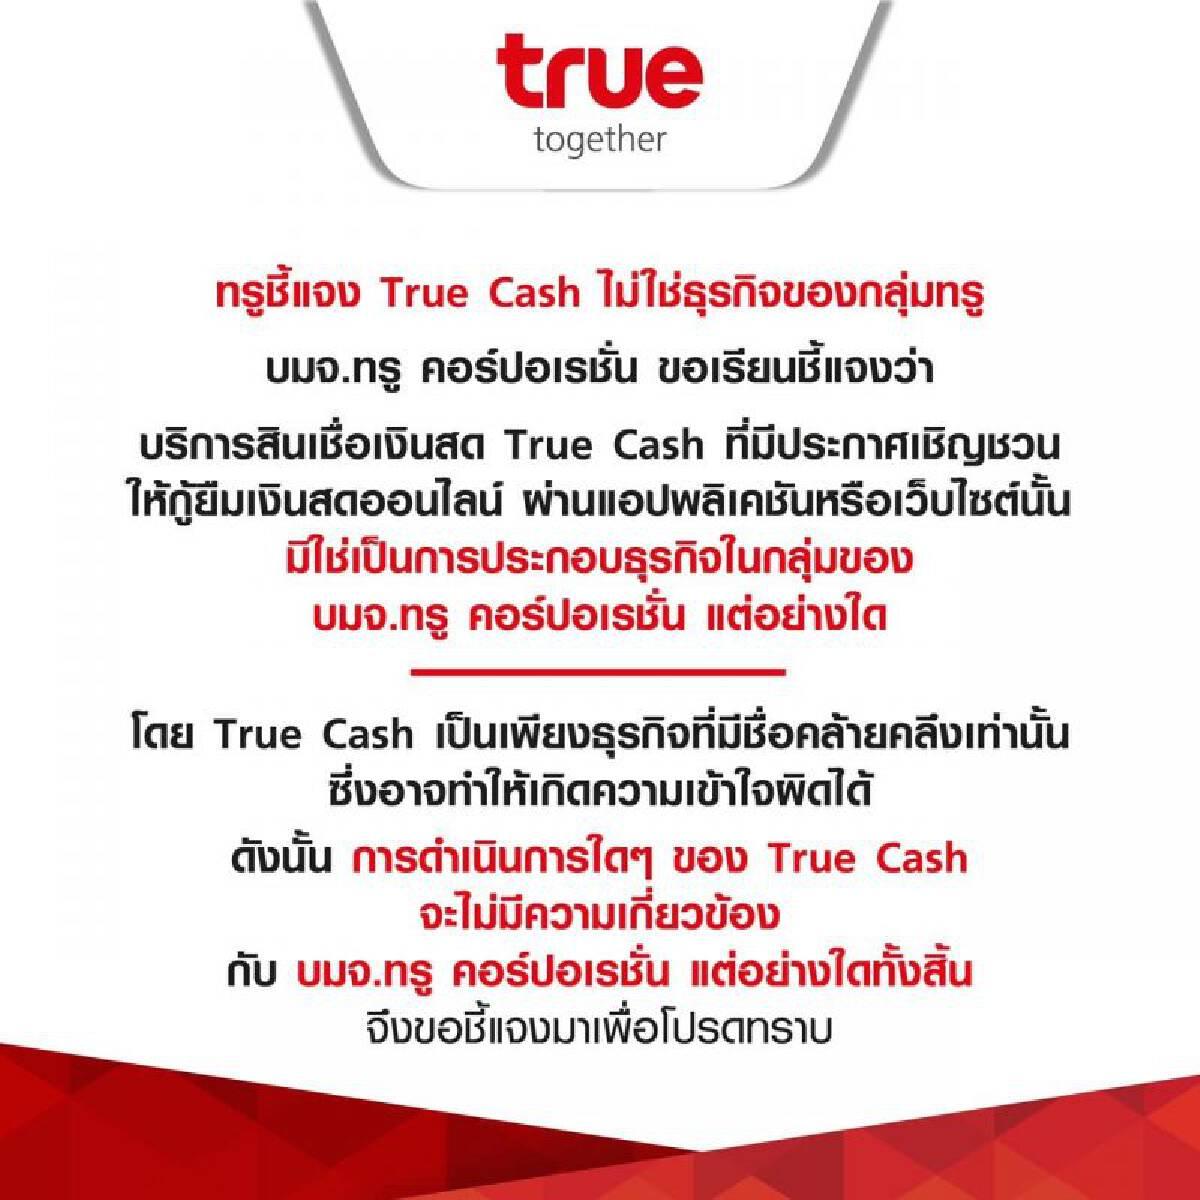 ทรู ชี้แจง True Cash ไม่ใช่ธุรกิจของกลุ่มทรู